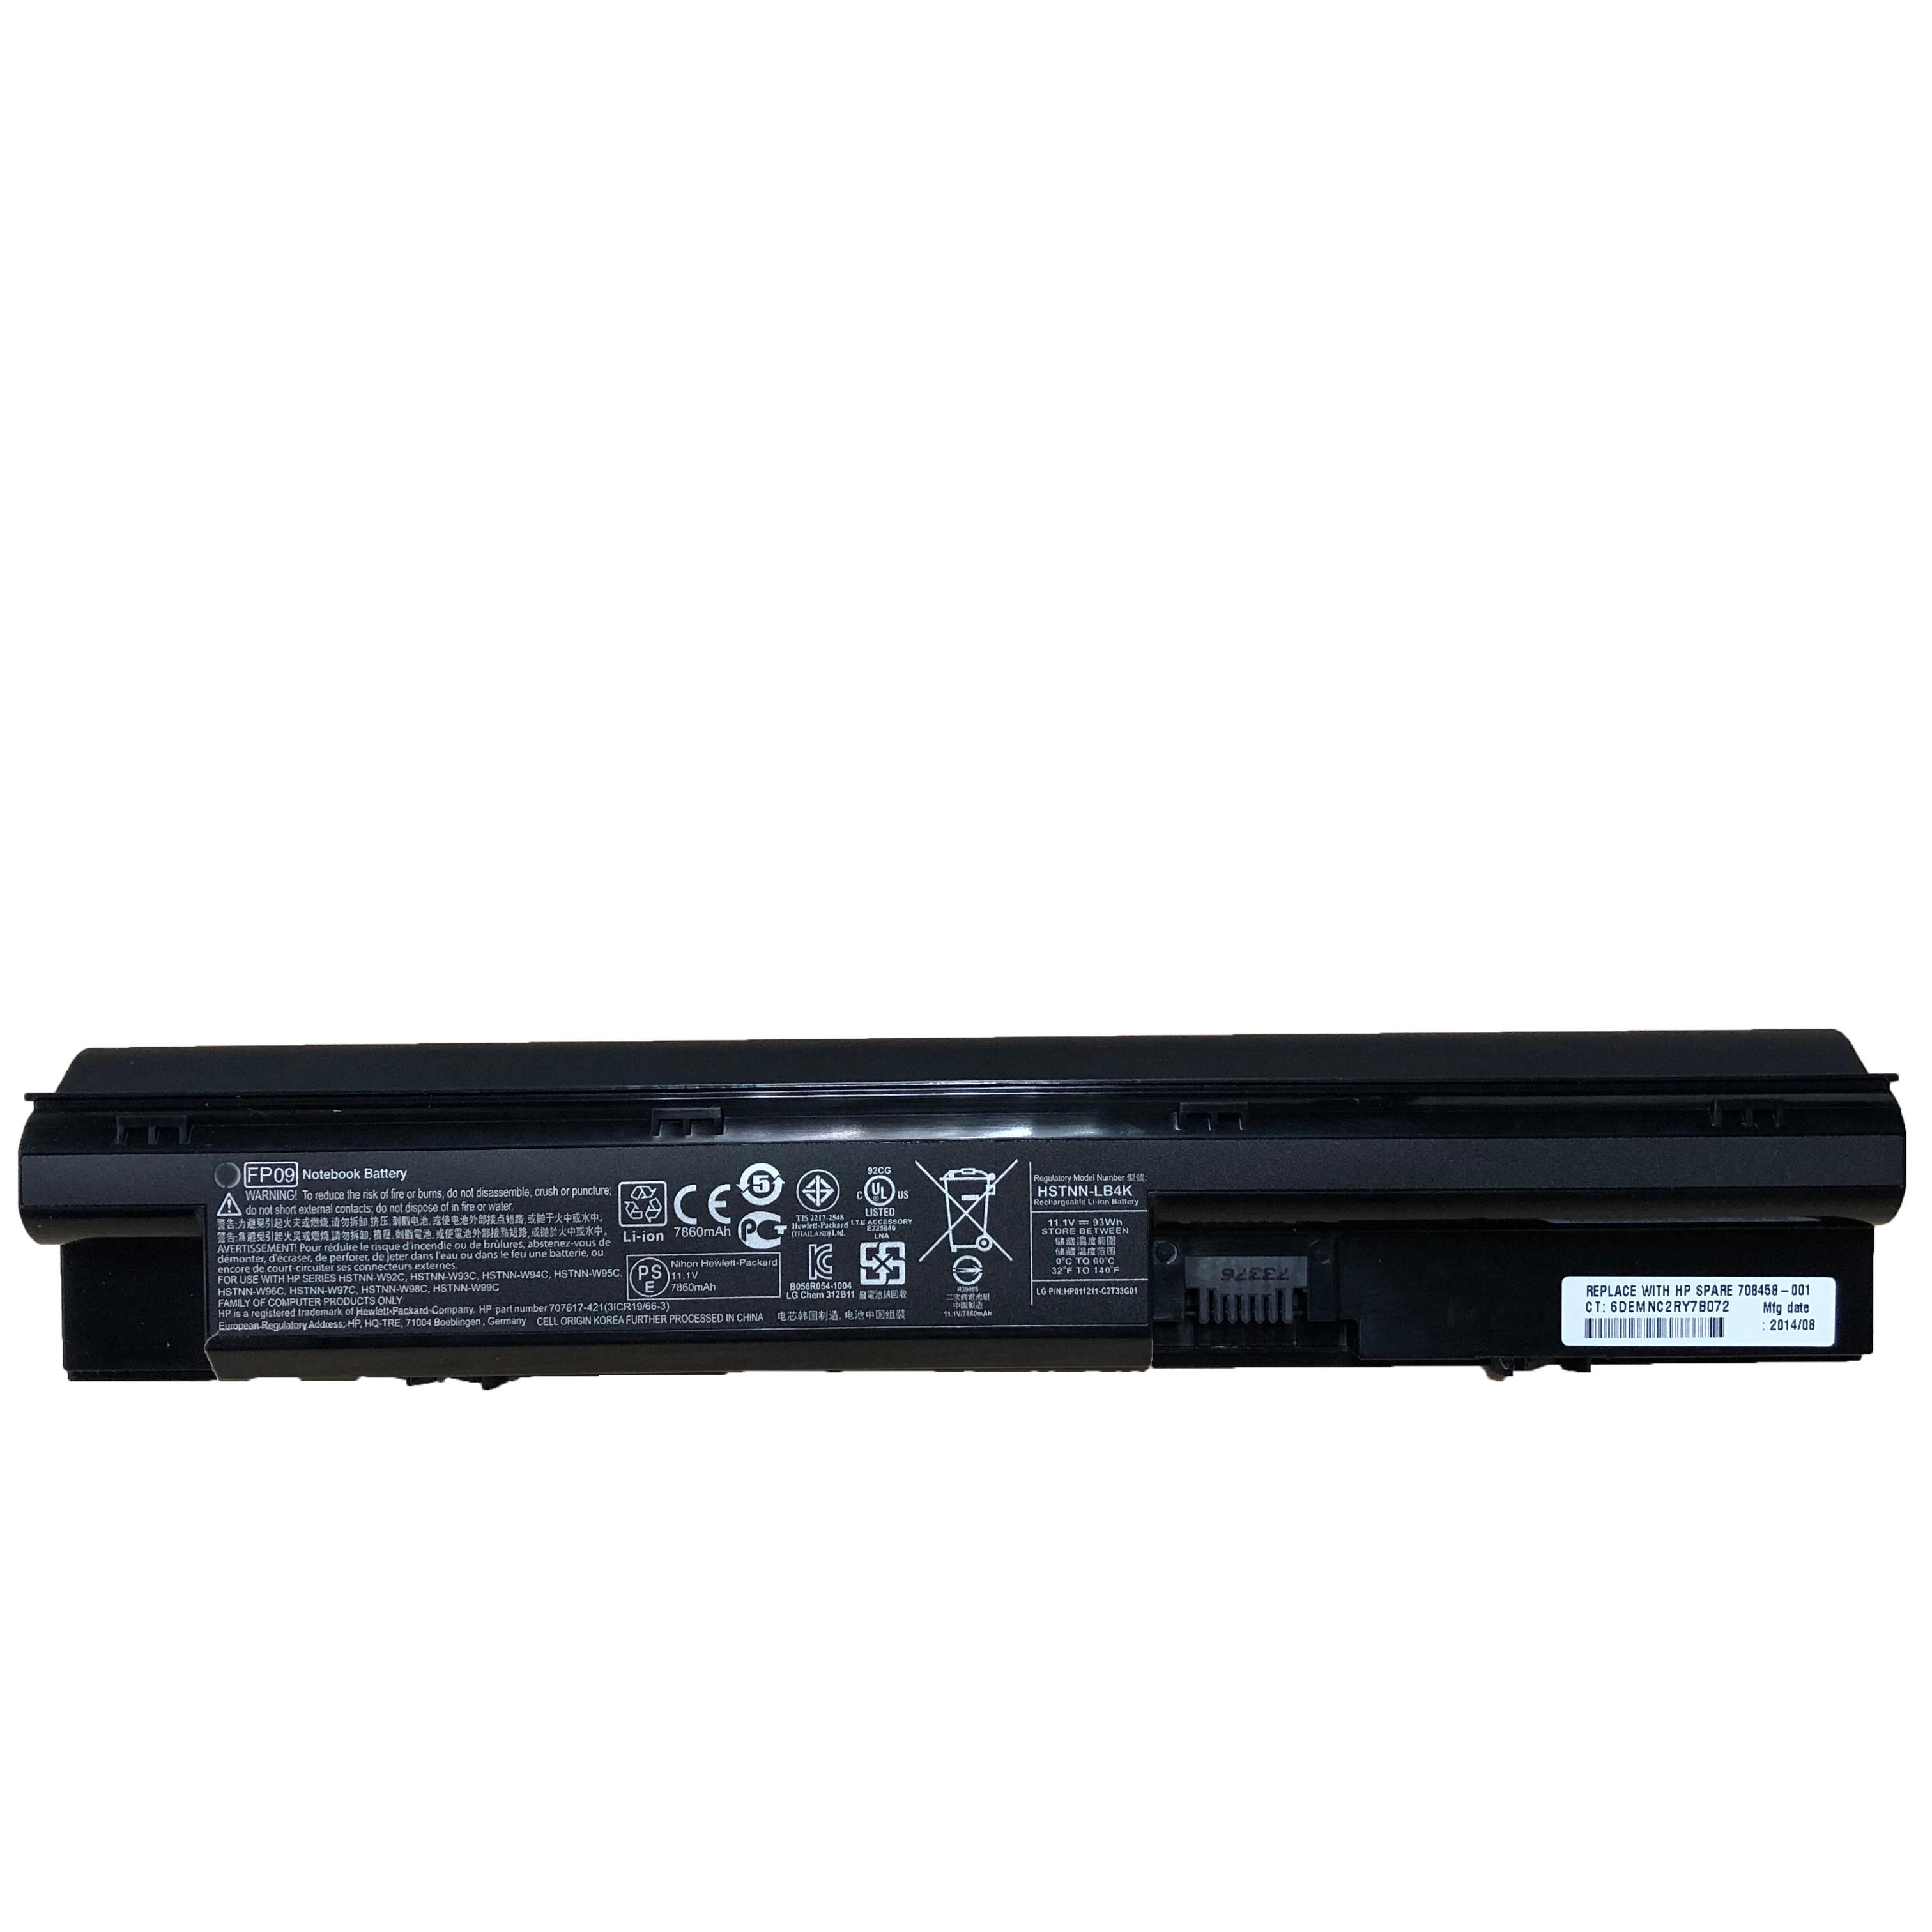 Купить оригинальный аккумулятор для ноутбука hp probook 111 7860 440